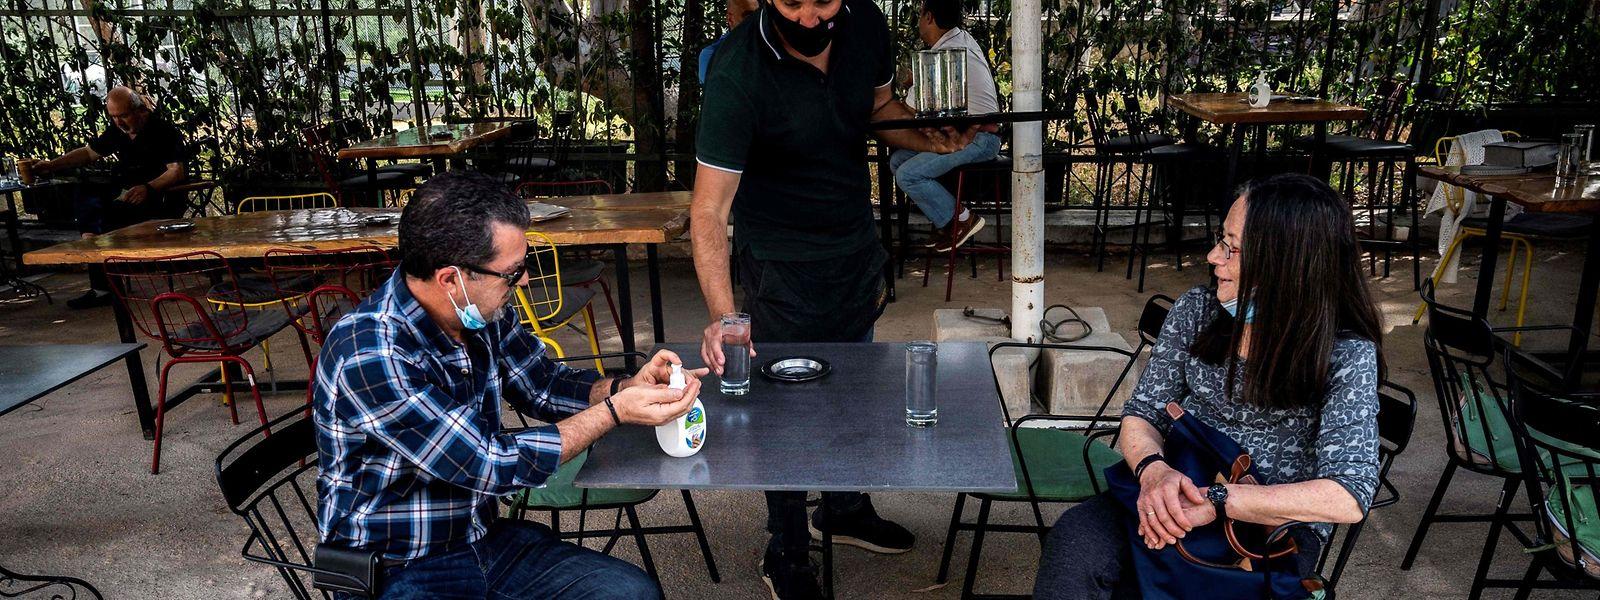 Die Lokale dürfen nur im Freien bewirten, maximal sechs Gäste pro Tisch sind erlaubt.